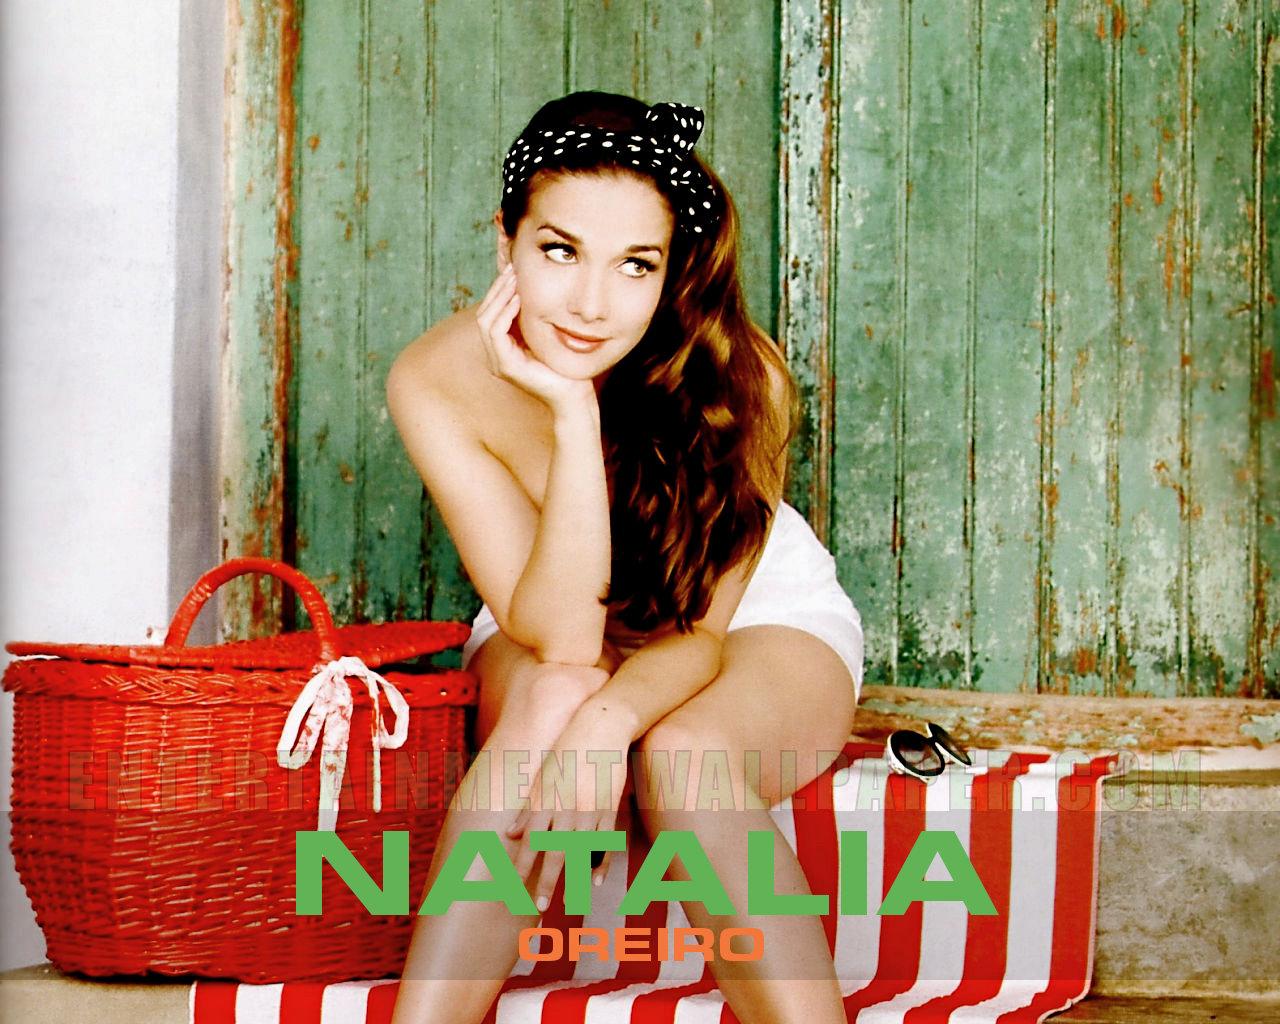 natalia oreiro wallpaper 2662 - photo #11